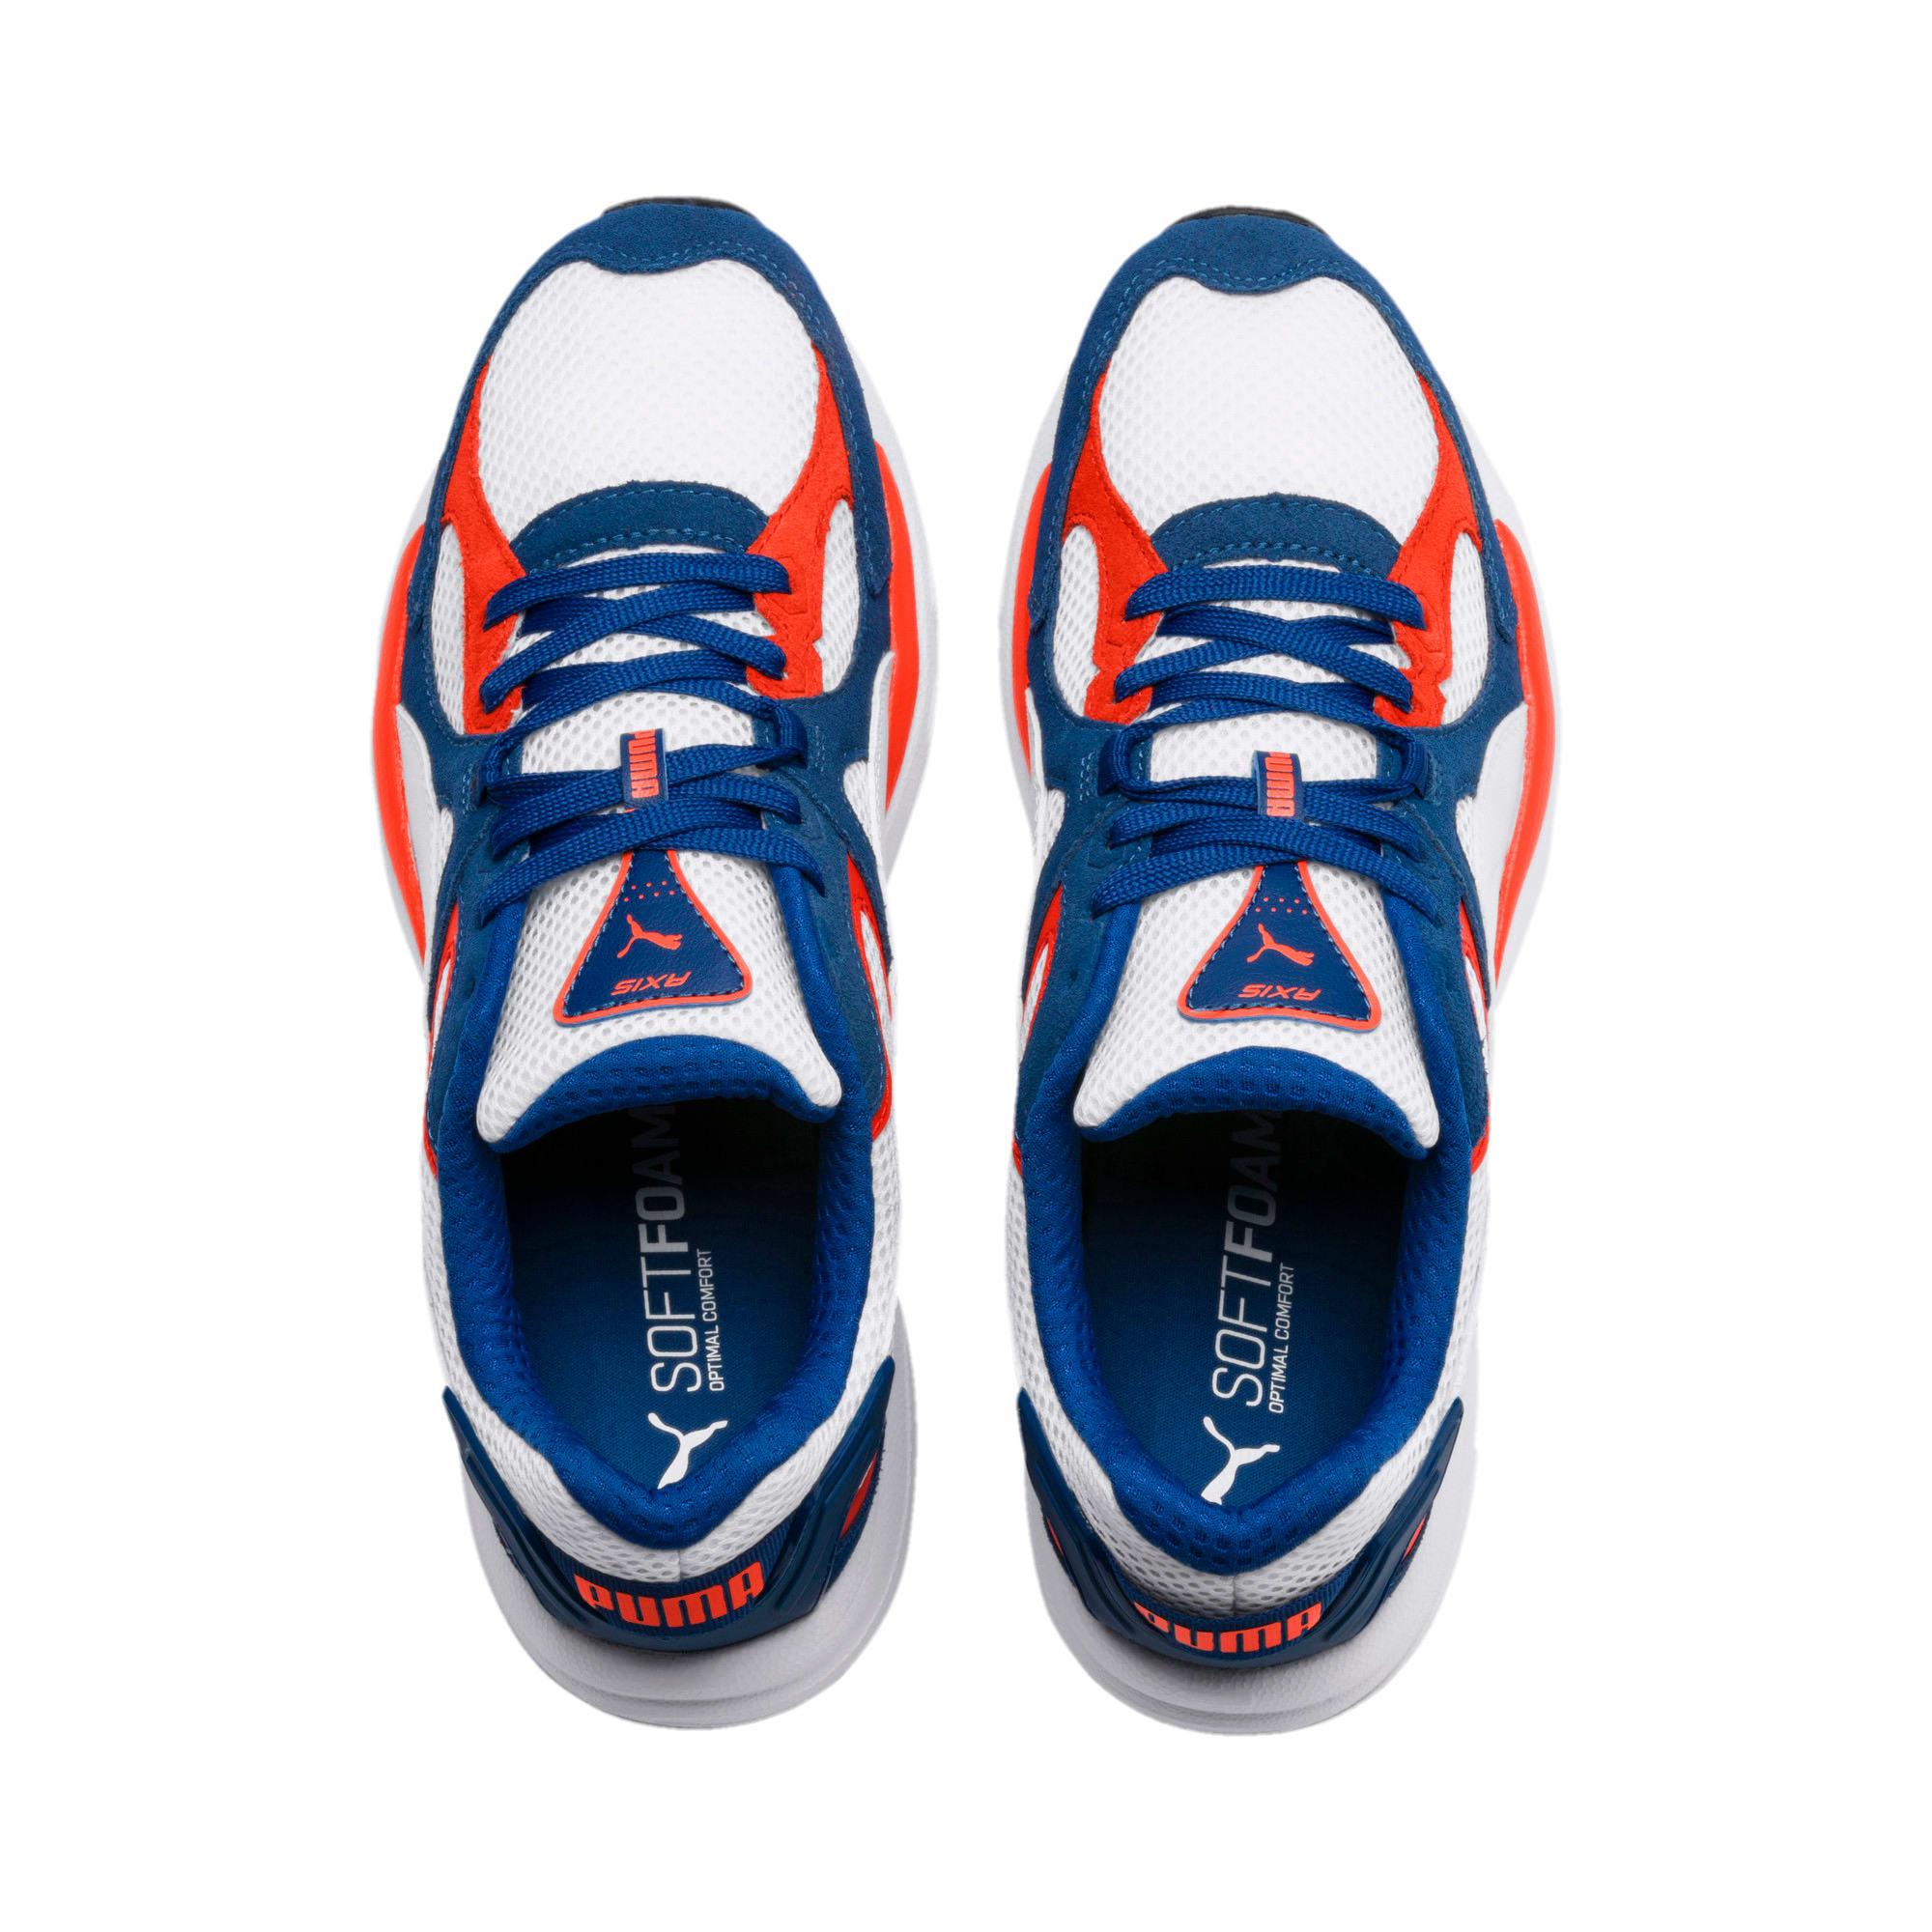 Thumbnail 7 of Axis Plus SD sneakers, White-G Blue-C Tomato-Black, medium